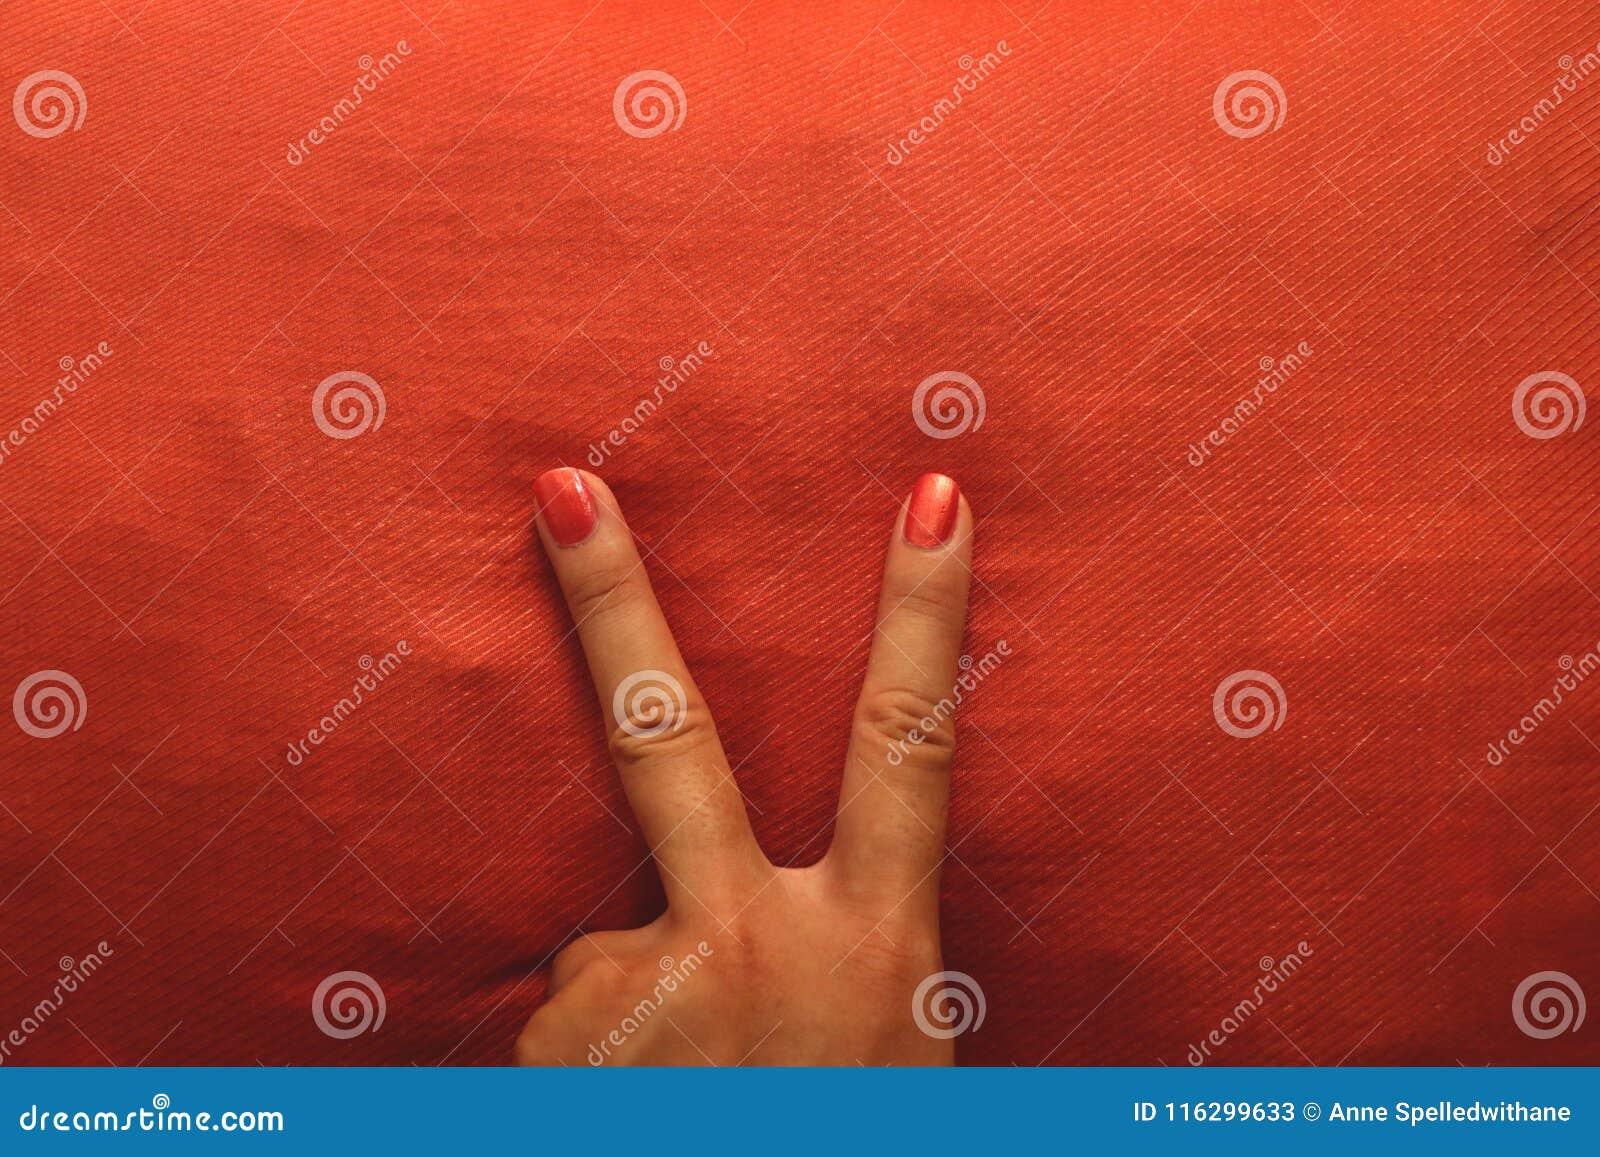 Β θηλυκό χρωματισμένο χέρι πορτοκάλι σημαδιών